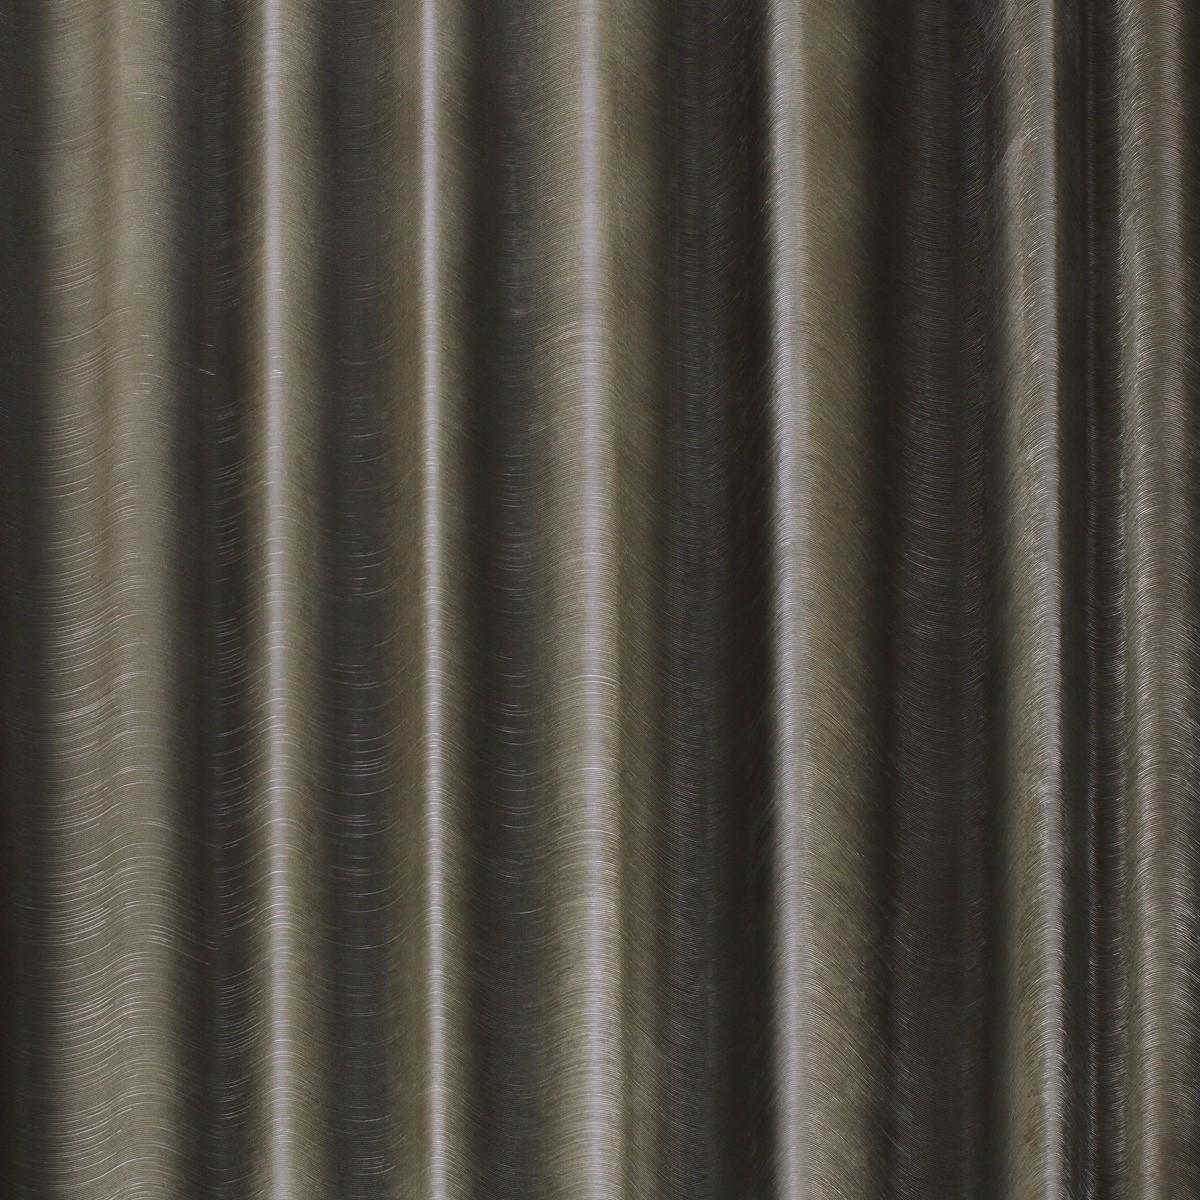 Full Size of Vliestapete Glckler Vorhang Schwarz Metallic 52530 Gardinen Für Wohnzimmer Scheibengardinen Küche Joop Bad Badezimmer Fenster Die Schlafzimmer Betten Wohnzimmer Joop Gardinen